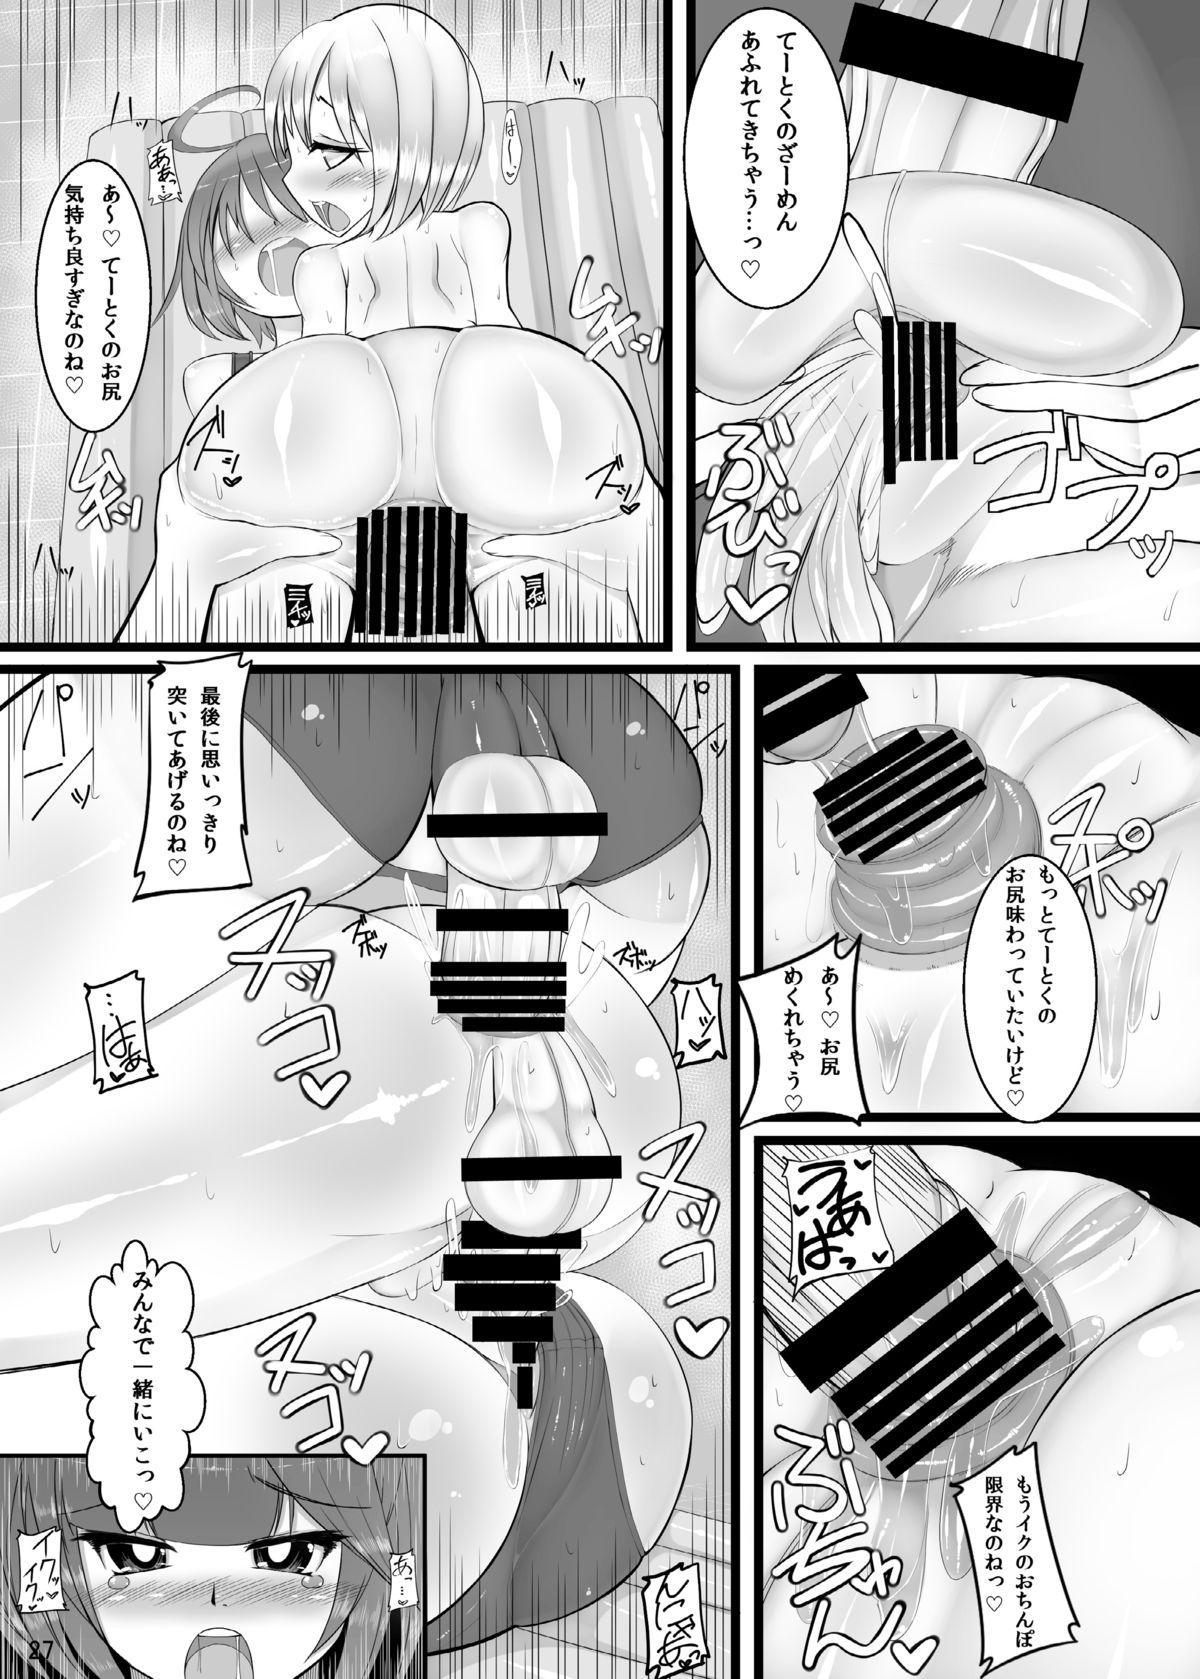 Otokonoko Teitoku ga 19 to 58 ni GyakuRa Sarechau Hon 26